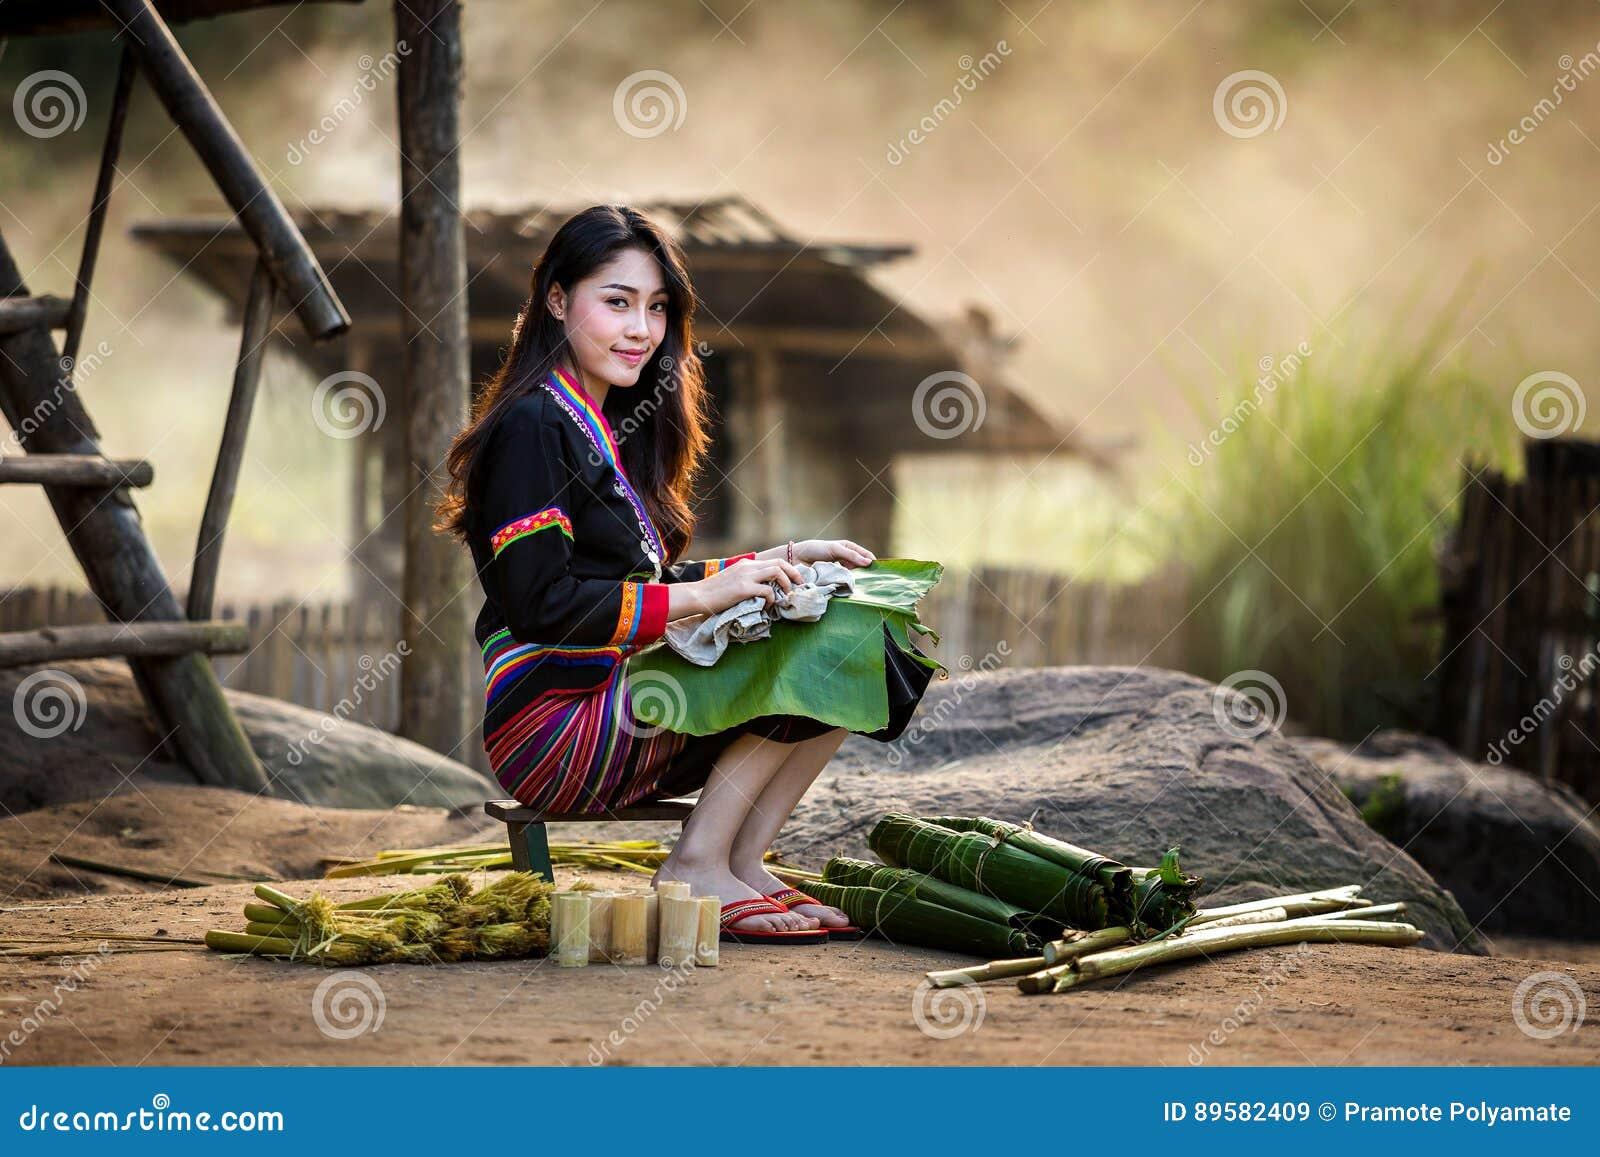 亚洲人给hmong老挝传统妇女穿衣